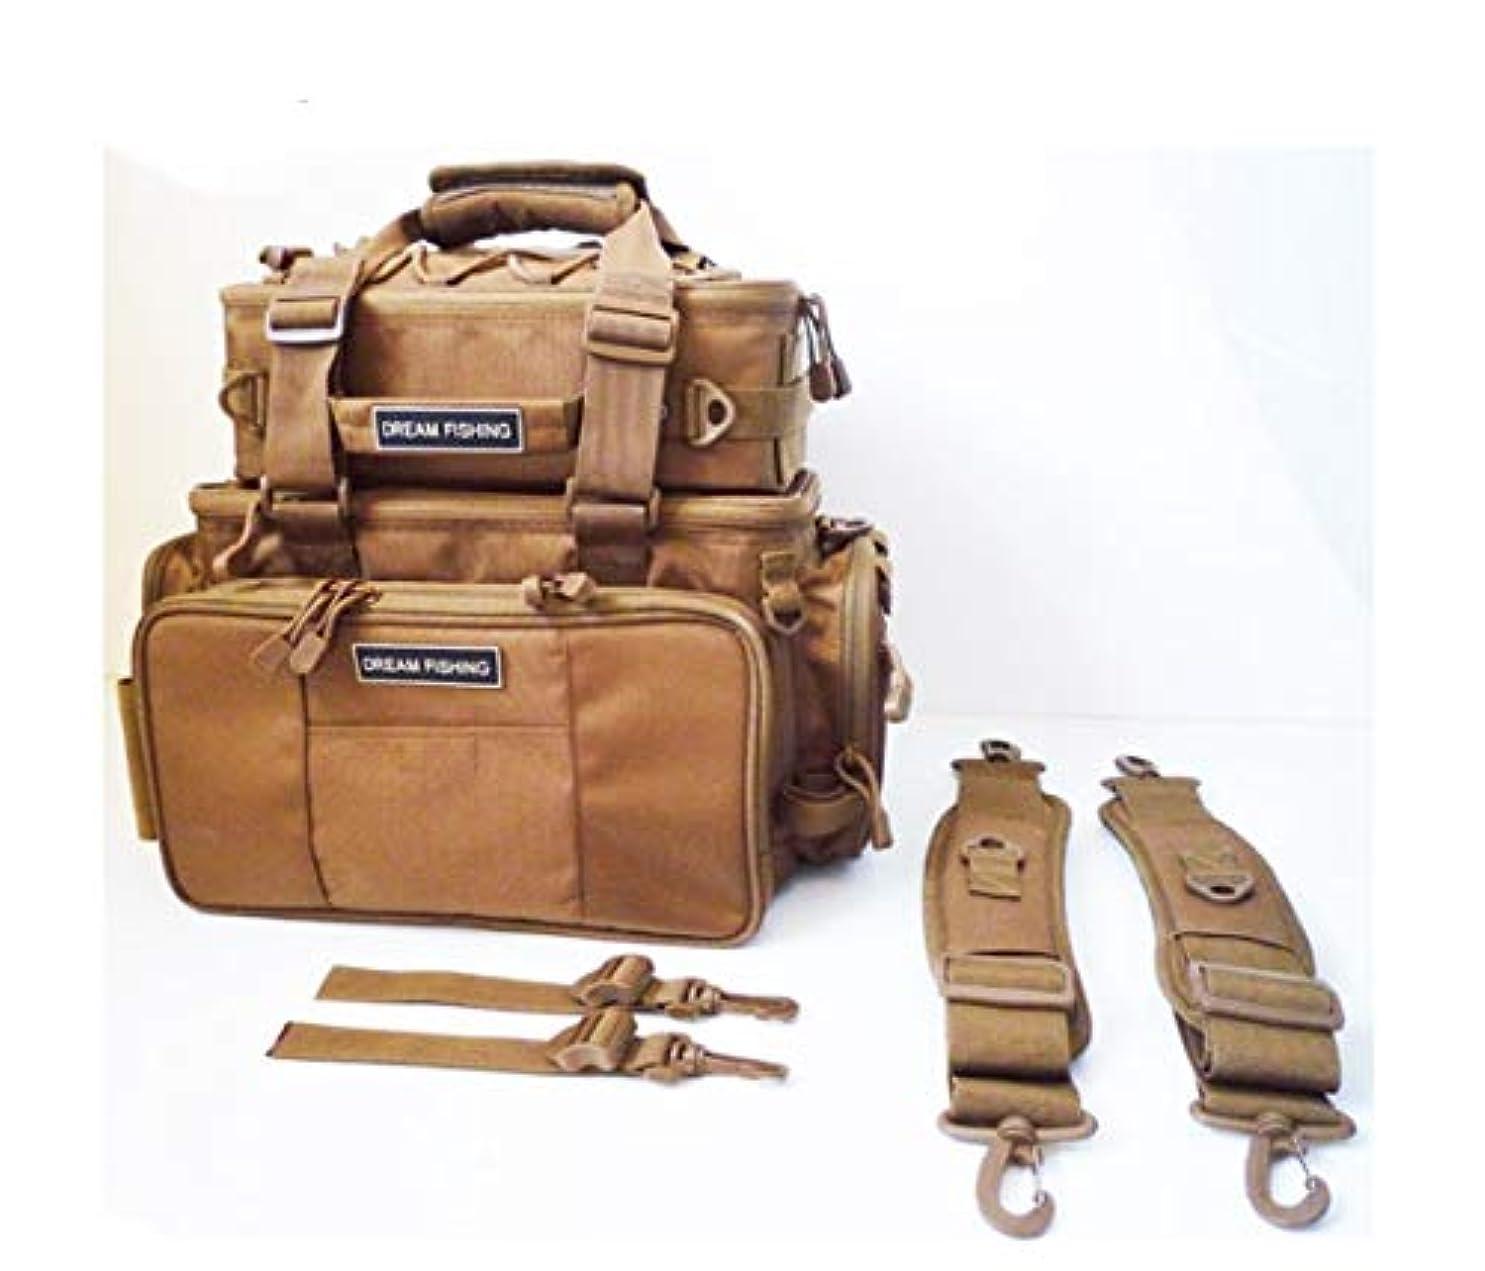 裂け目もの回復するCetengkeji 多機能ポケット釣り用品アクセサリー専用バッグバックパックアウトドアバッグ